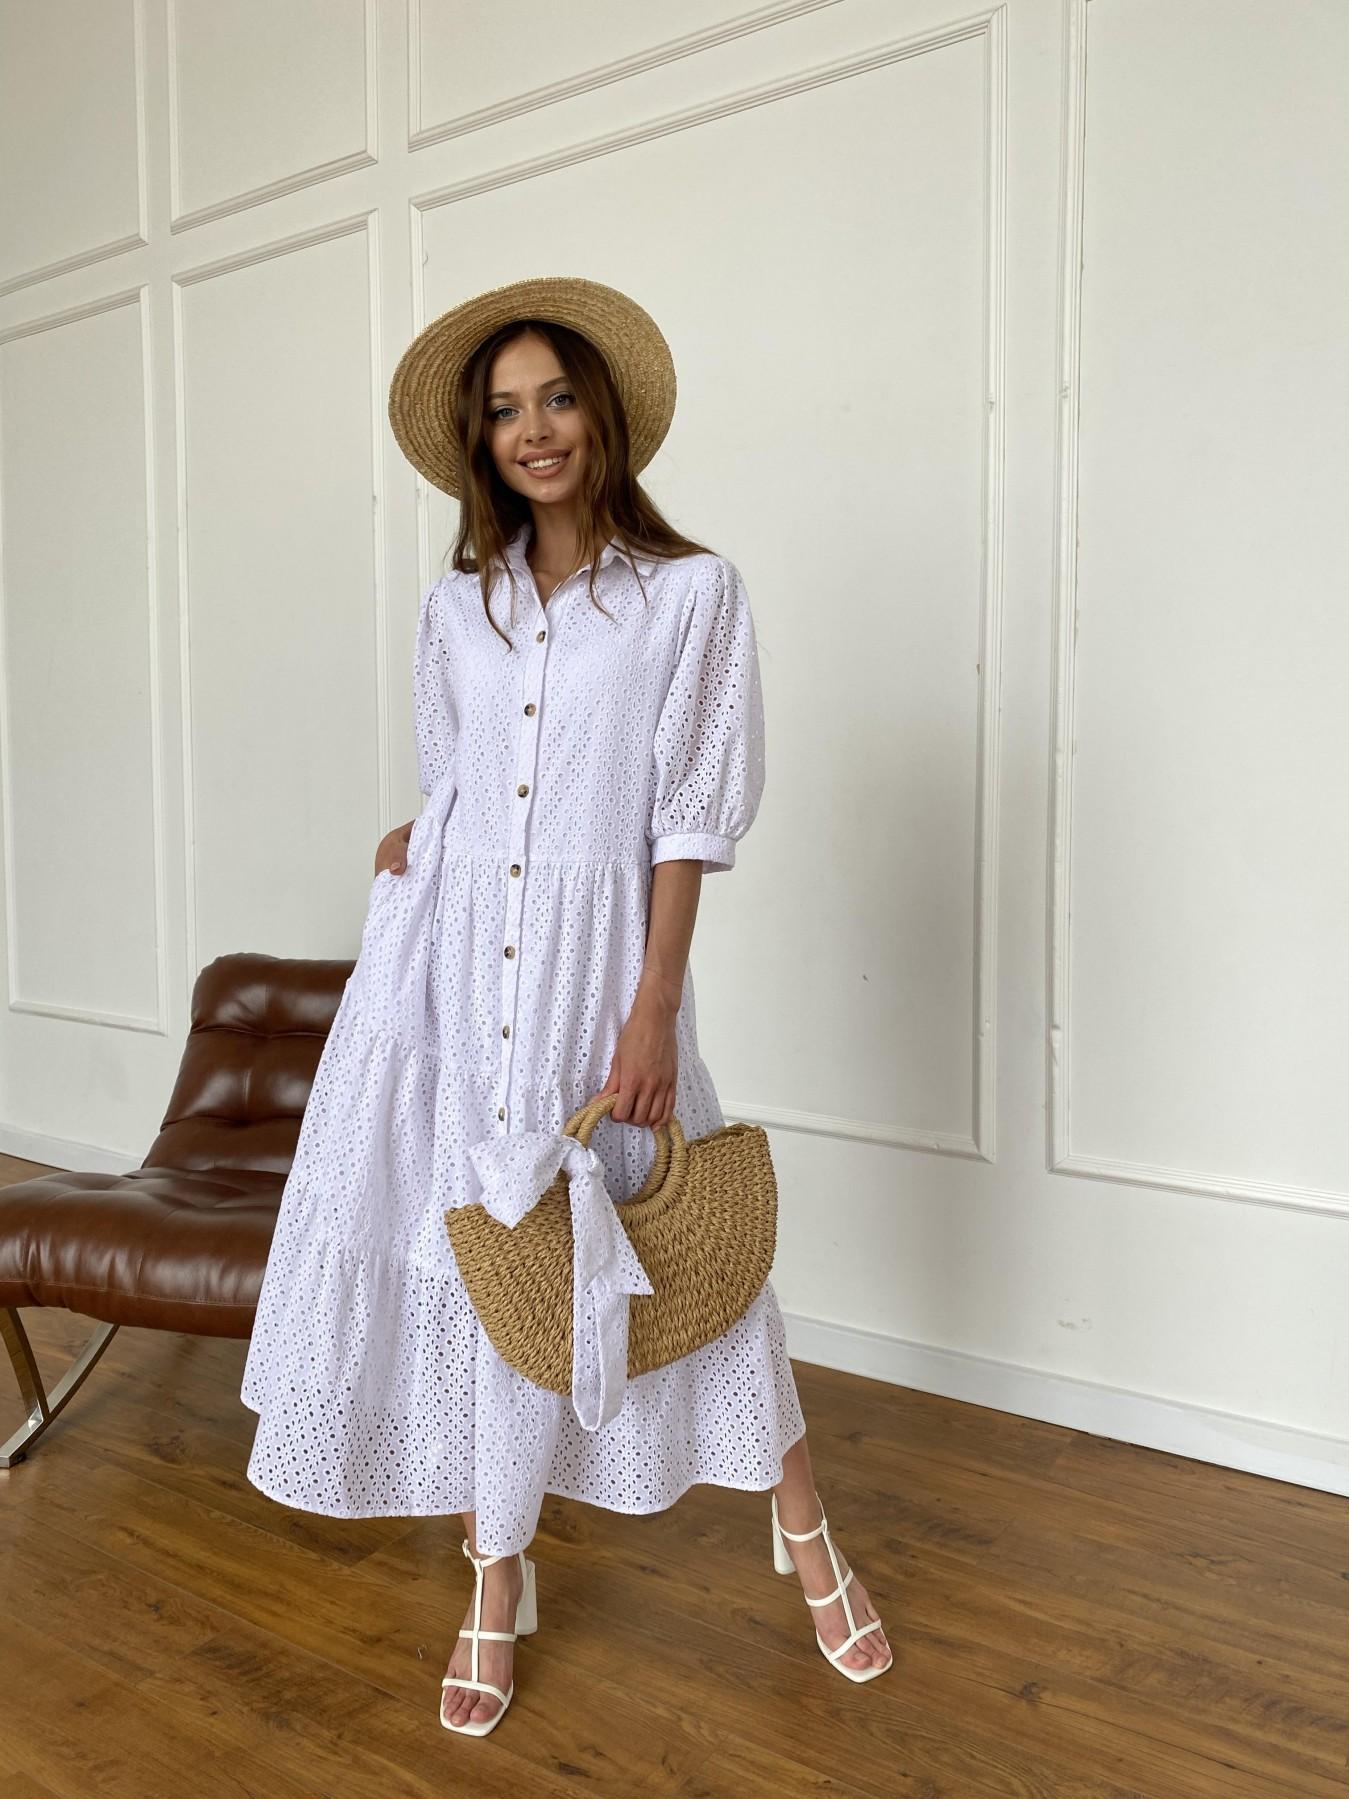 Коста Бланка платье с коротким рукавом из прошвы 11359 АРТ. 47966 Цвет: Белый/МелЦветПерфор - фото 5, интернет магазин tm-modus.ru